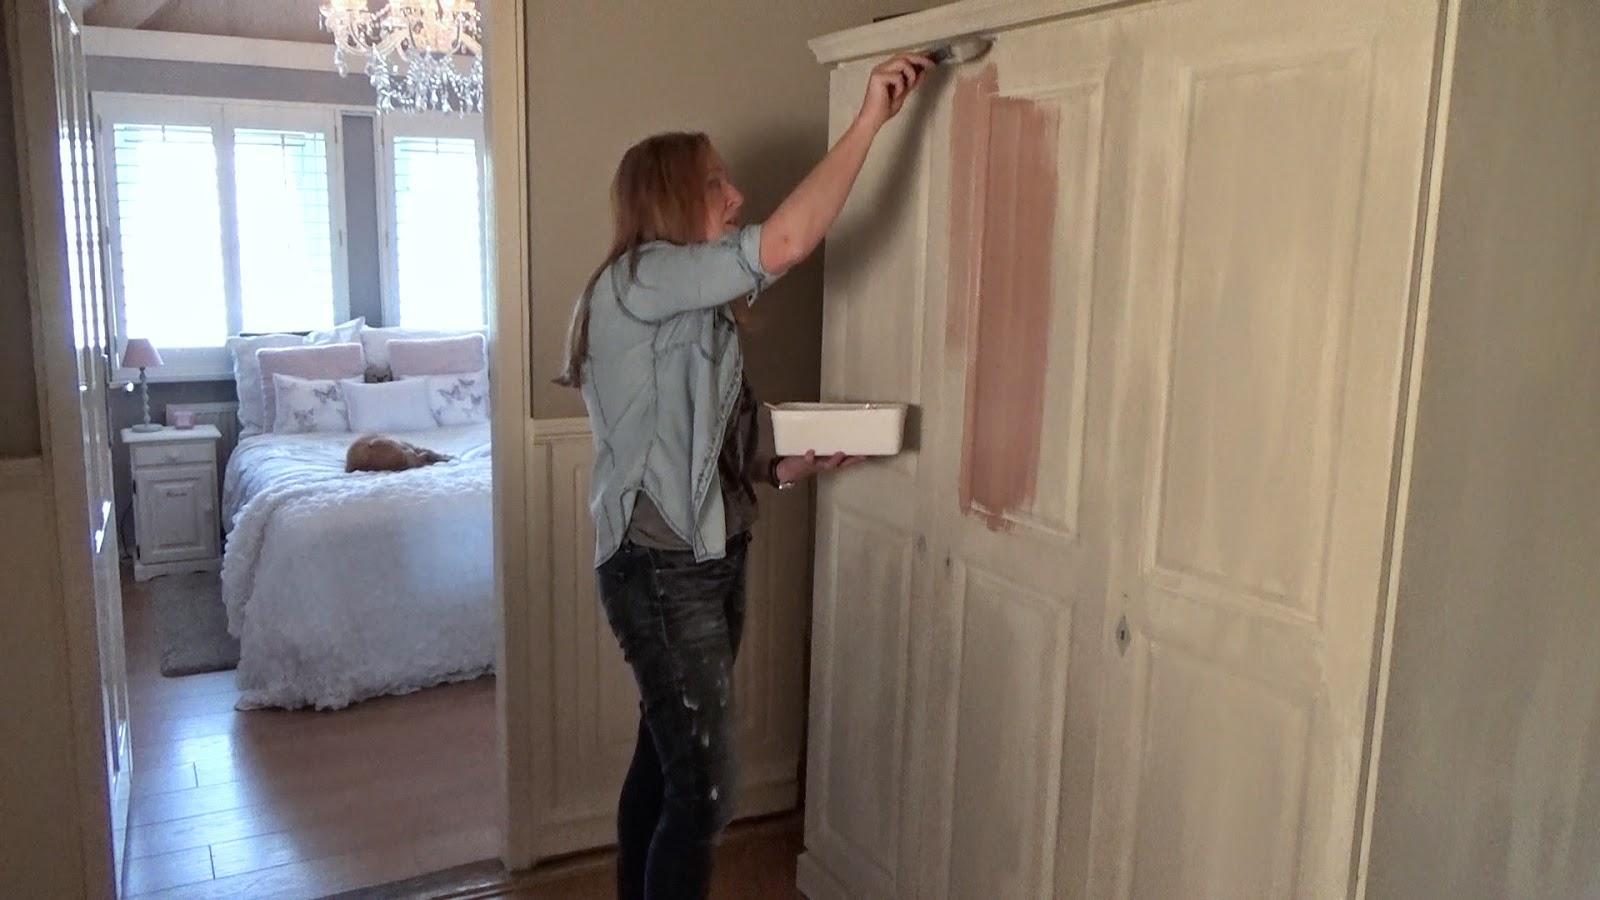 Kalkverf op kast aanbrengen pure and van losenoord verf en wand putten - Meubels om zelf te schilderen zelfs ...